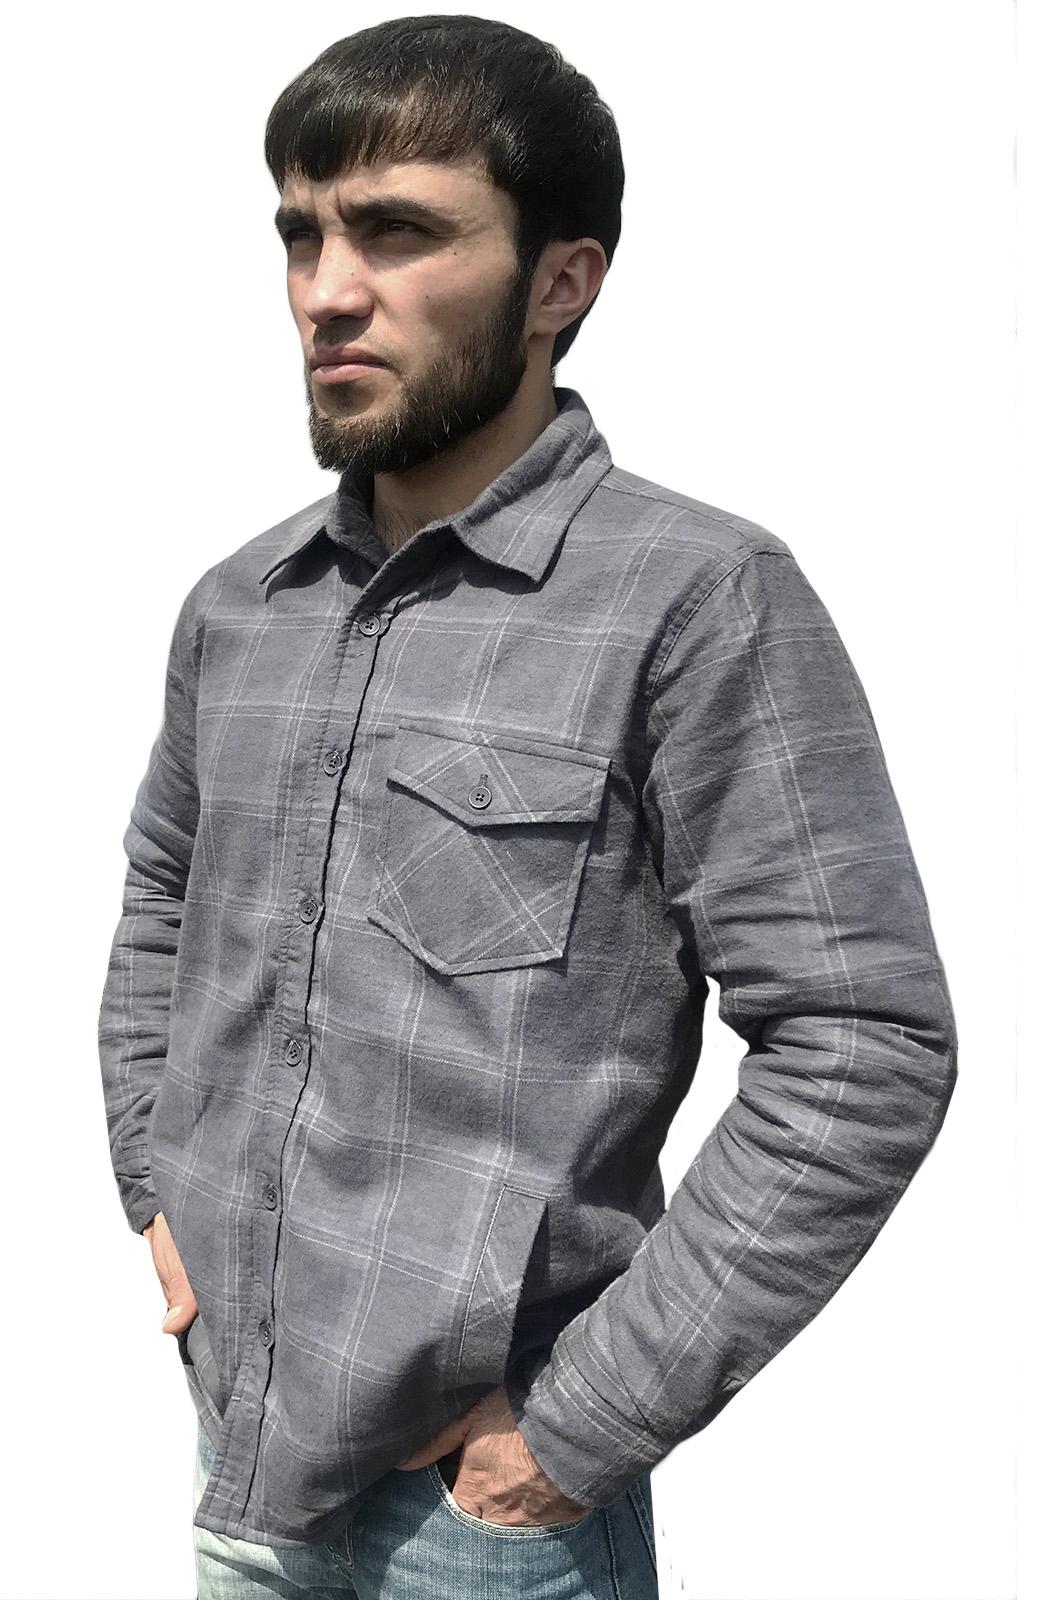 Мужская утепленная рубашка с вышитым шевроном МЧПВ СССР - заказать выгодно